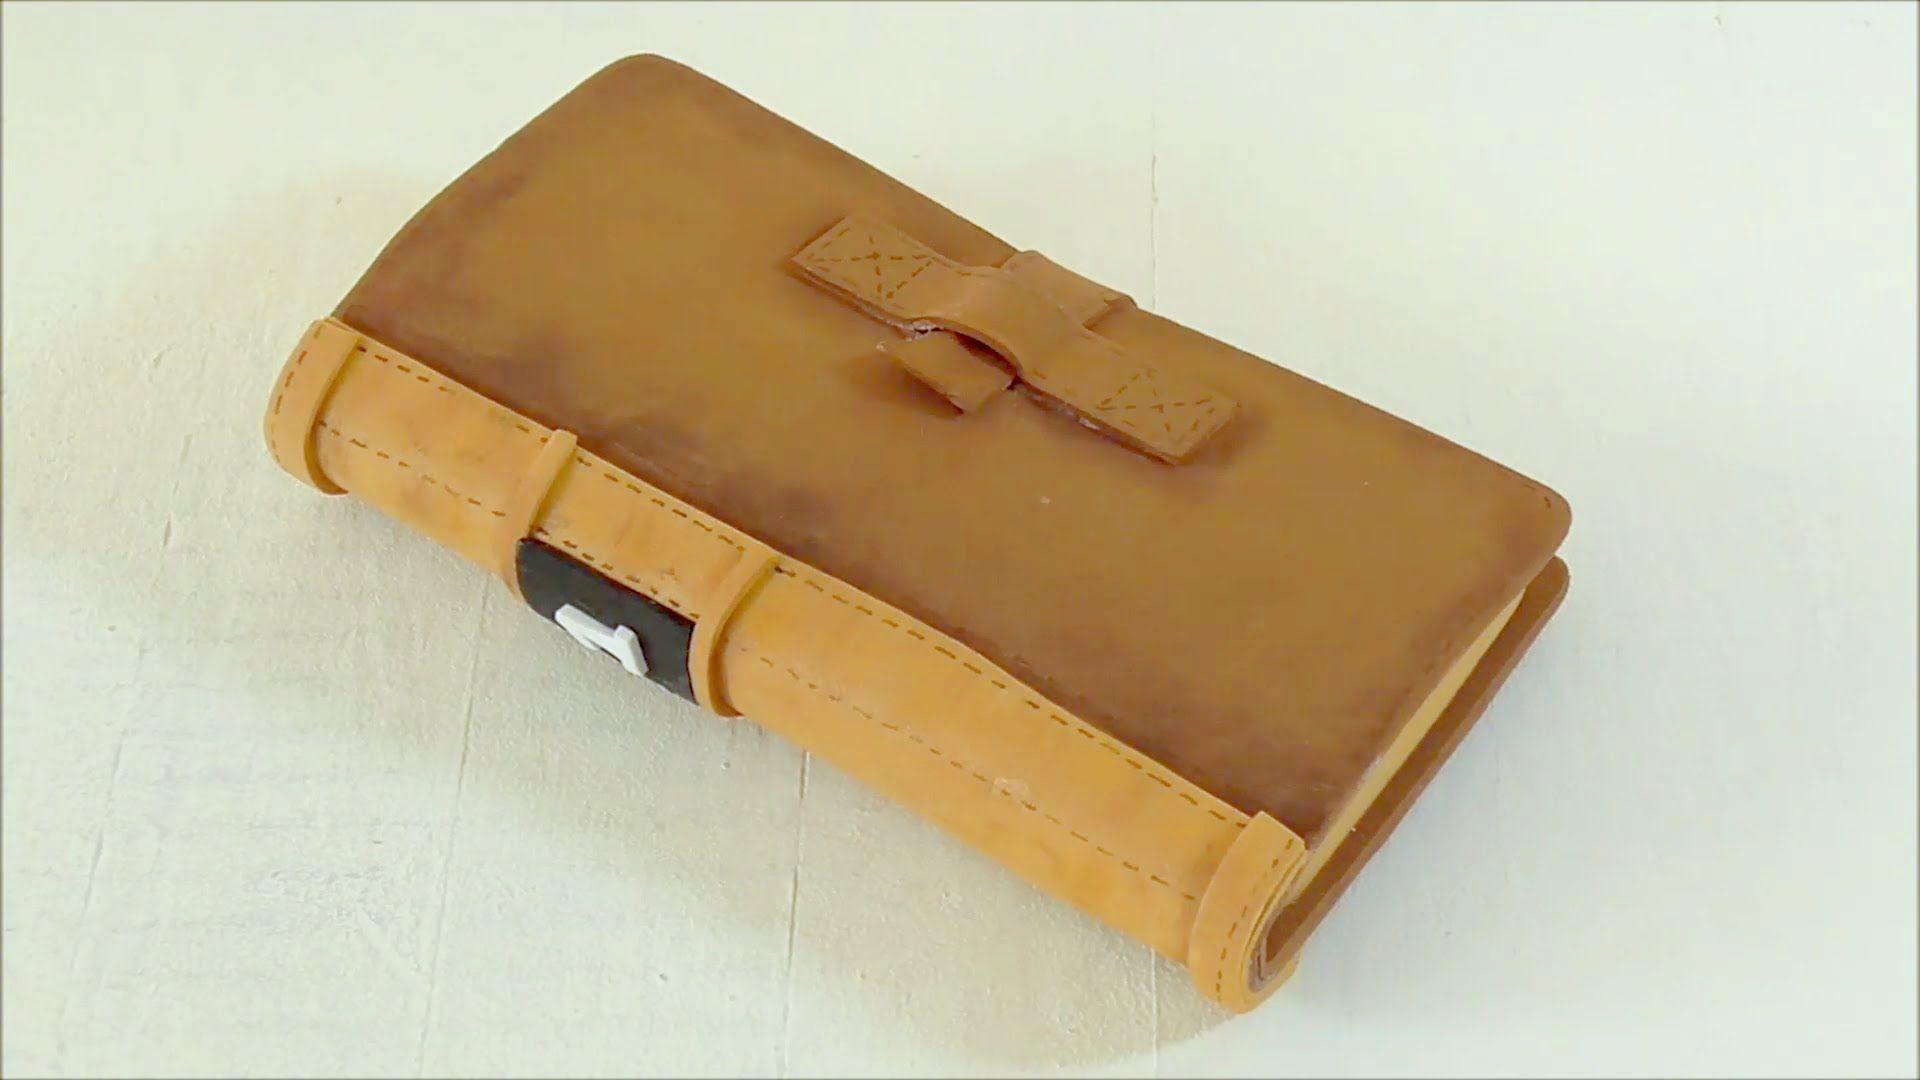 Funda para m vil en forma de libro hecha con goma eva - Manualidades de goma eva ...